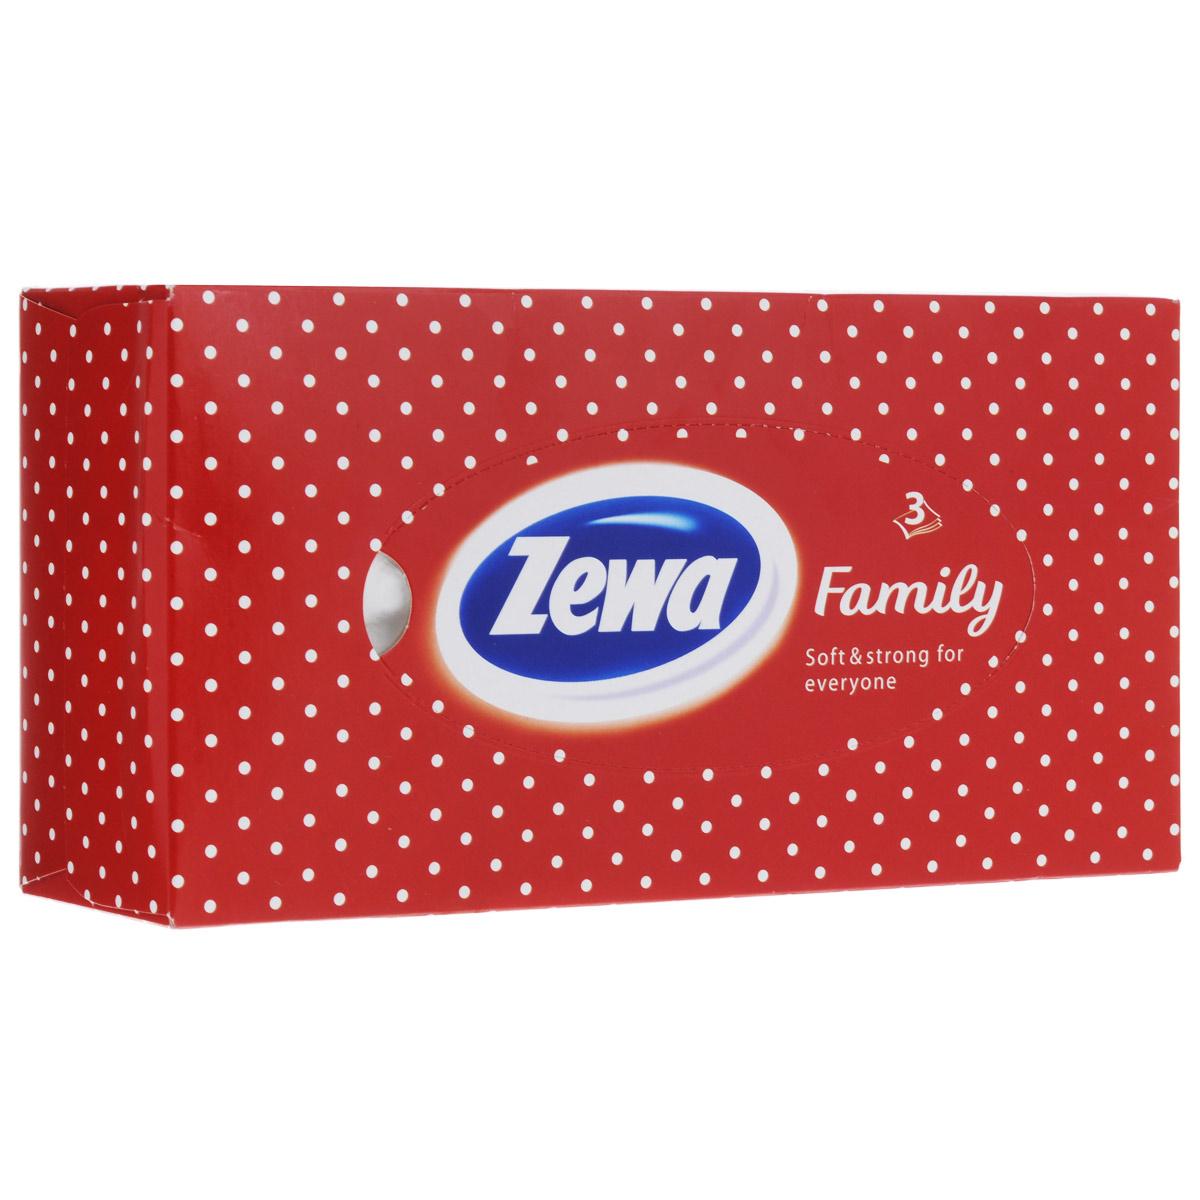 Платки в коробке Zewa Софт и Стронг, цвет: красный, 90 шт28420_красныйМягкие трехслойные носовые платки Zewa Софт и Стронг изготовлены из высококачественной экологически чистой целлюлозы. Обладают большой впитывающей способностью. Не вызывают аллергии, не раздражают чувствительную кожу. Просты и удобны в использовании.